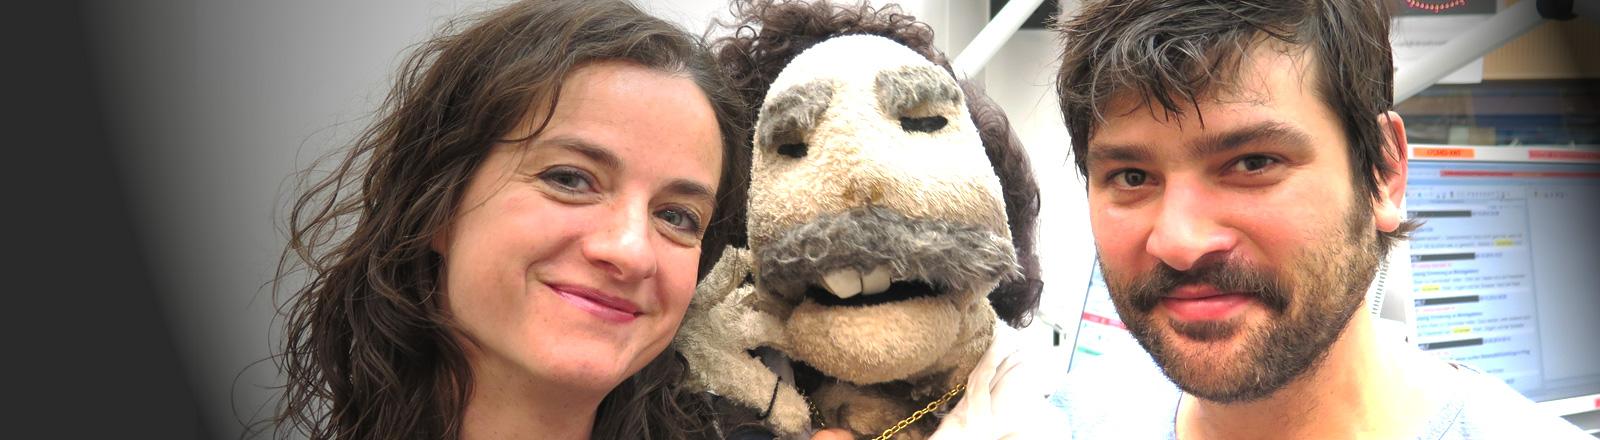 Moderatorin Daniela Tepper und Gast Jasin Challah stehen nebeneinander im Studio. Zwischen ihnen die Puppe Kosta Rapadopoulos.